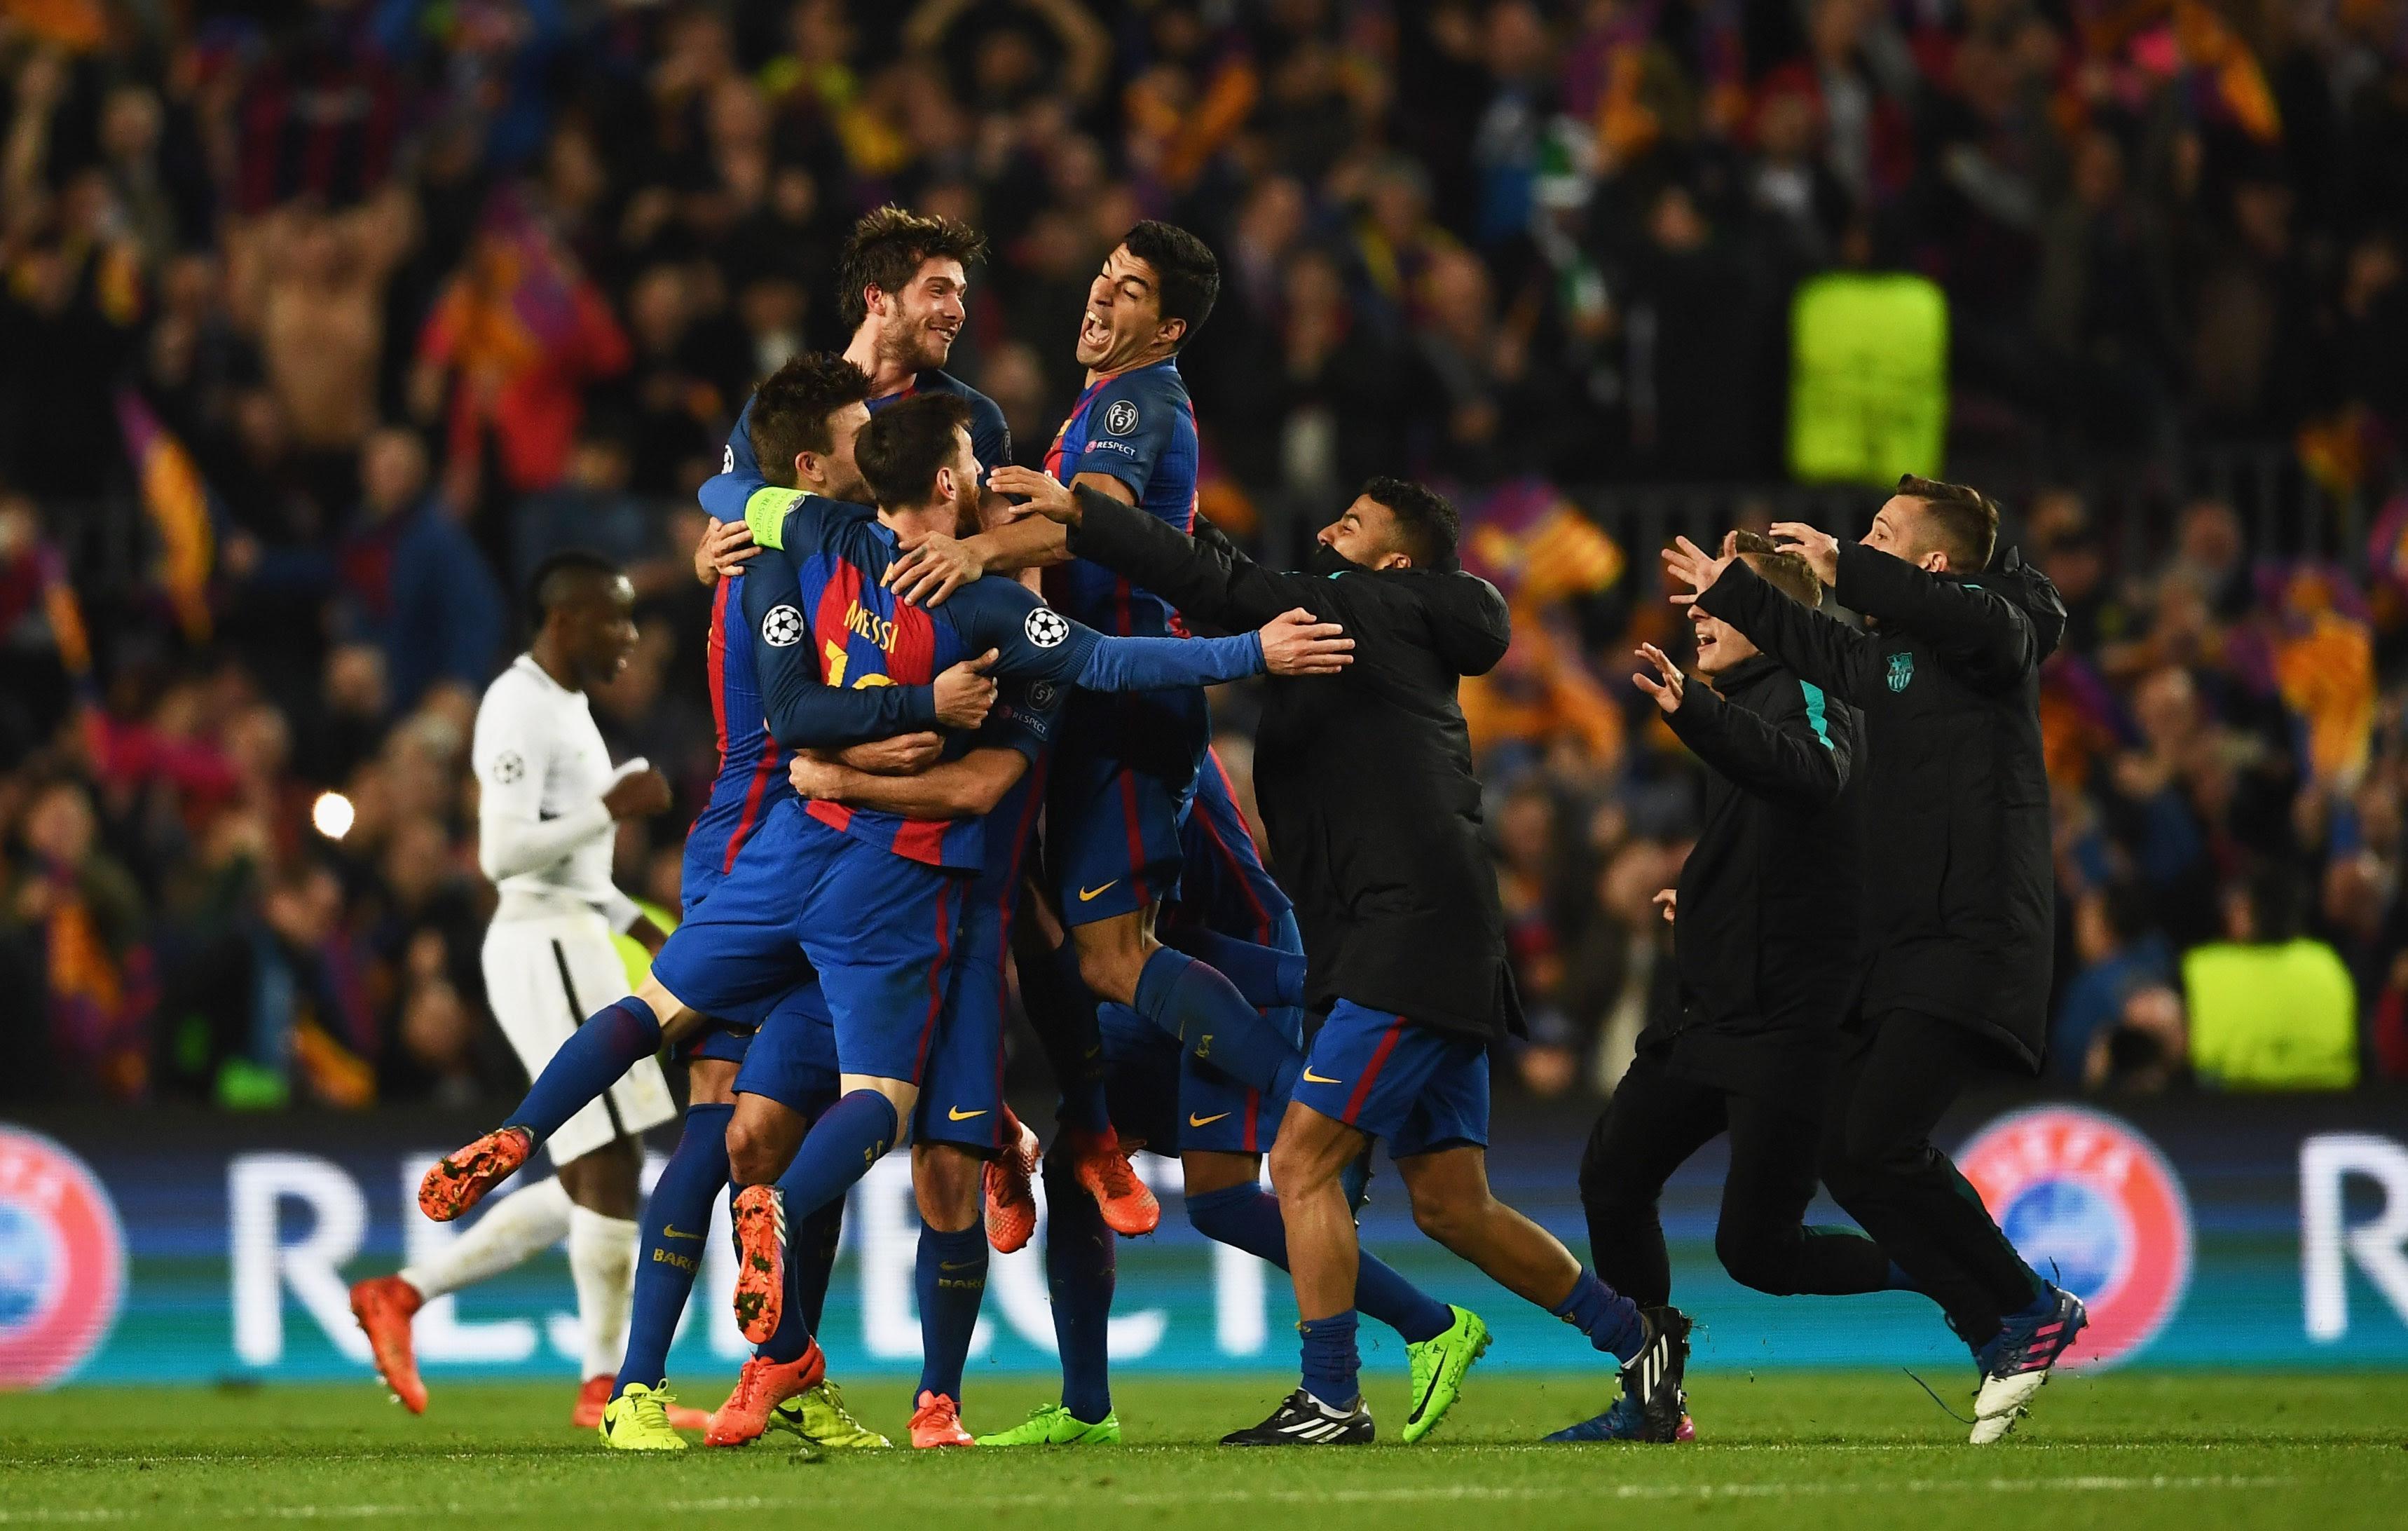 Barcelona 6-1 PSG: Player Ratings